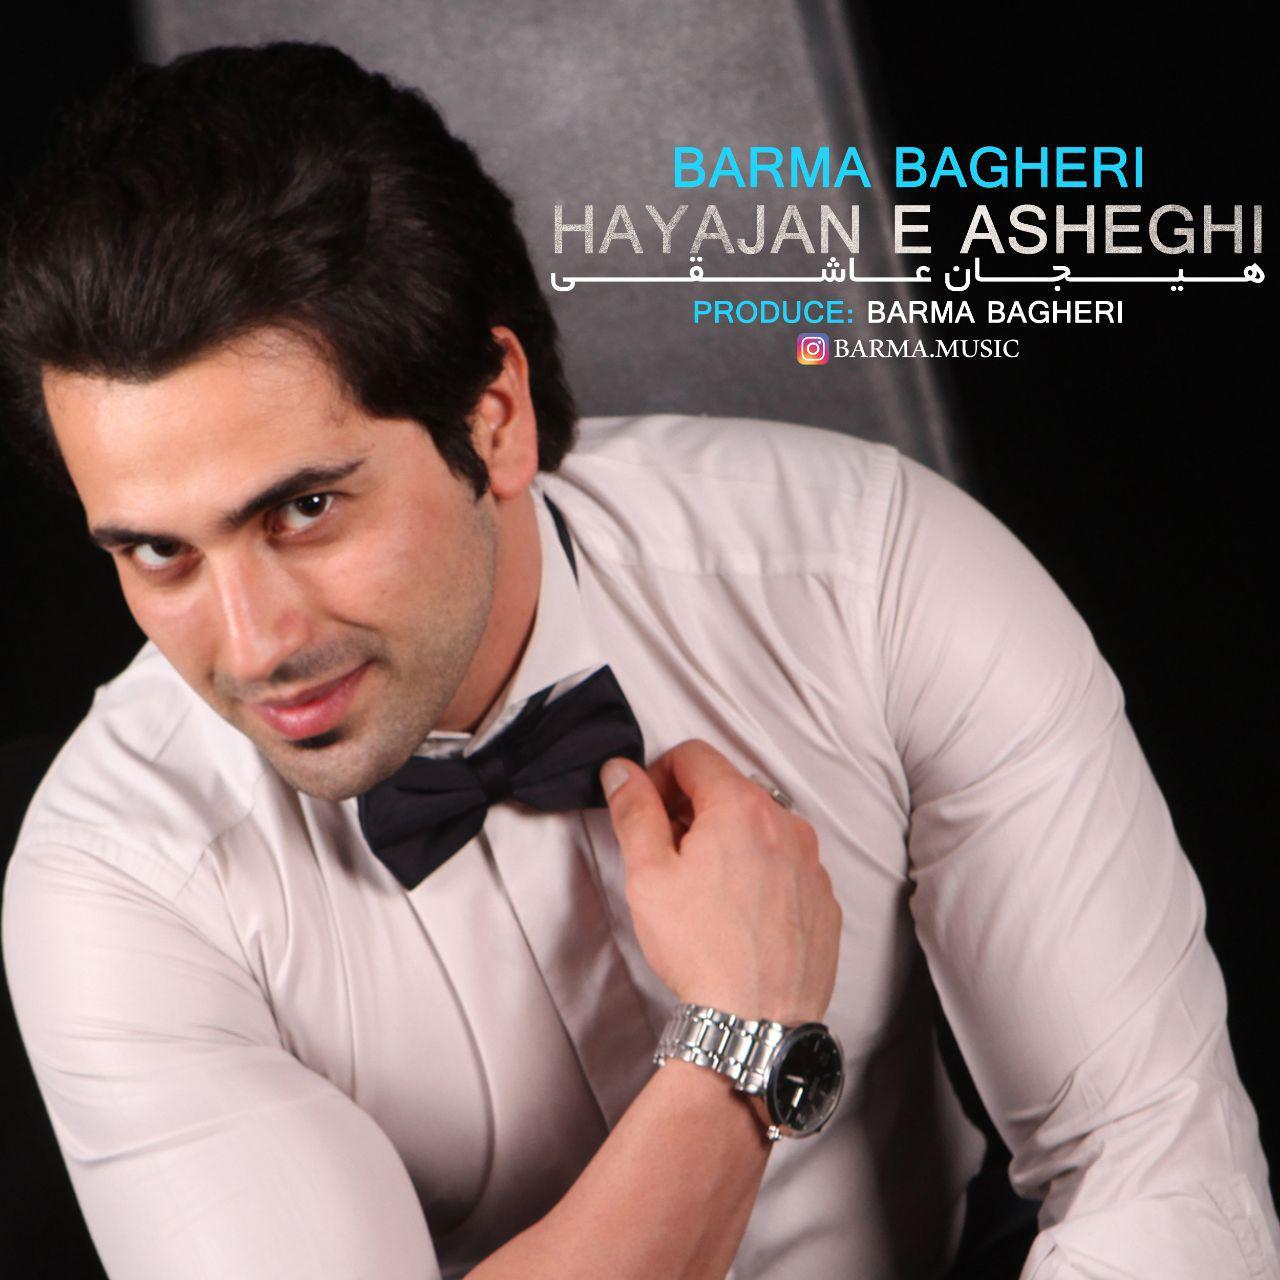 Barma Bagheri – Hayajan e Asheghi